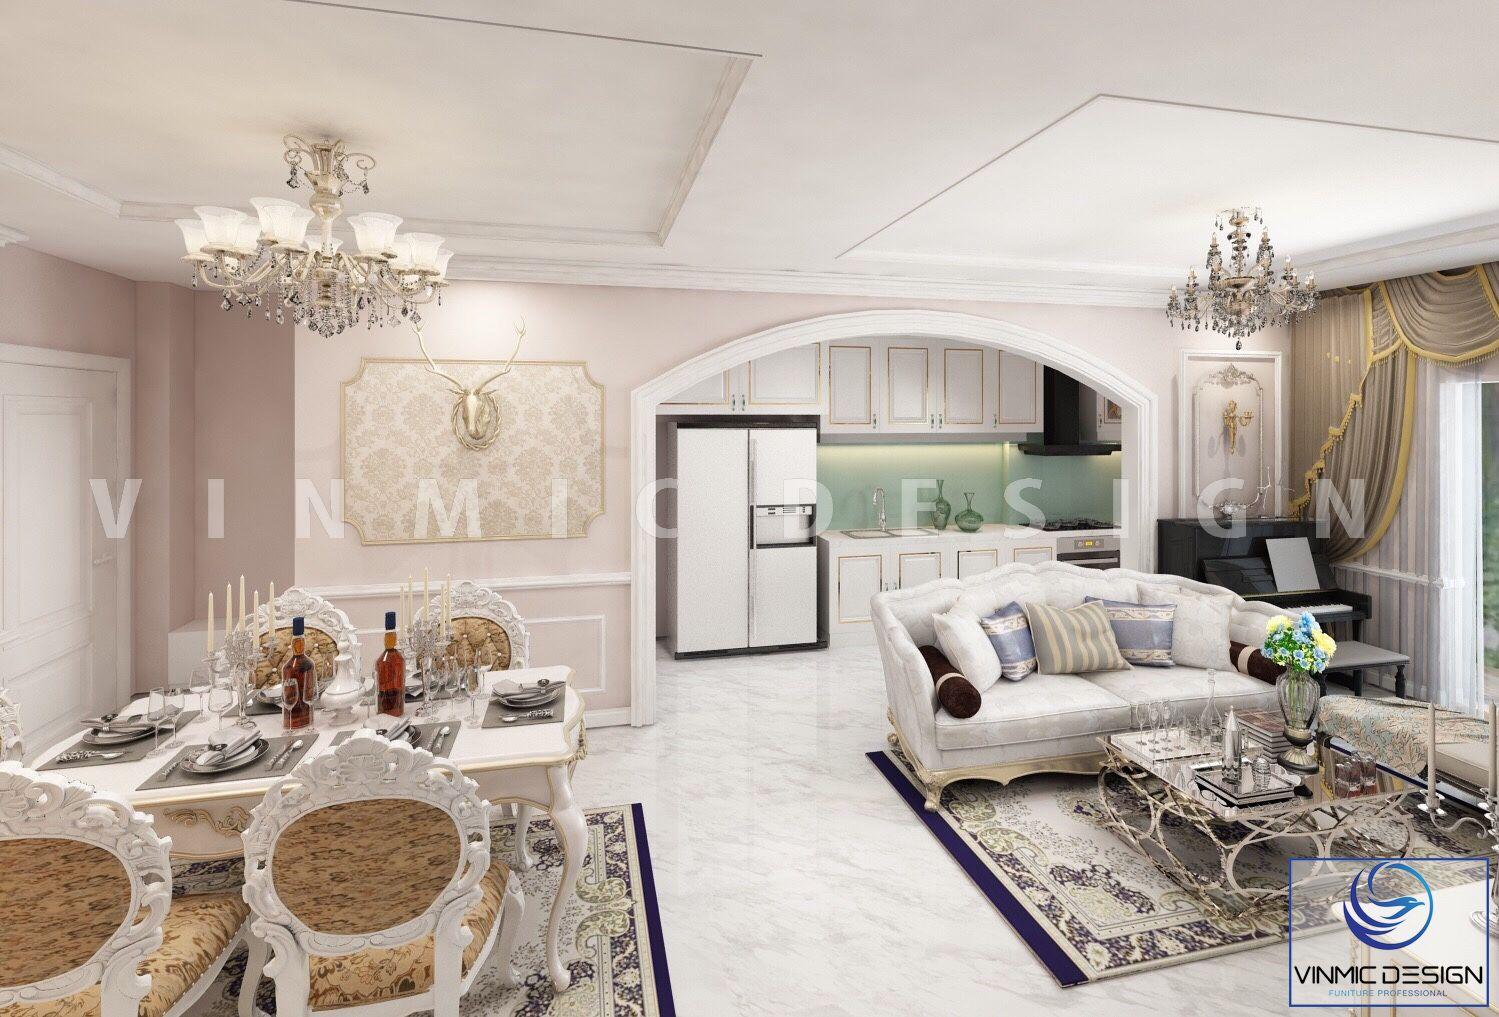 Không gian căn nhà được bố trí công năng tối ưu trong mẫu thiết kế nội thất chung cư phong cách tân cổ điển